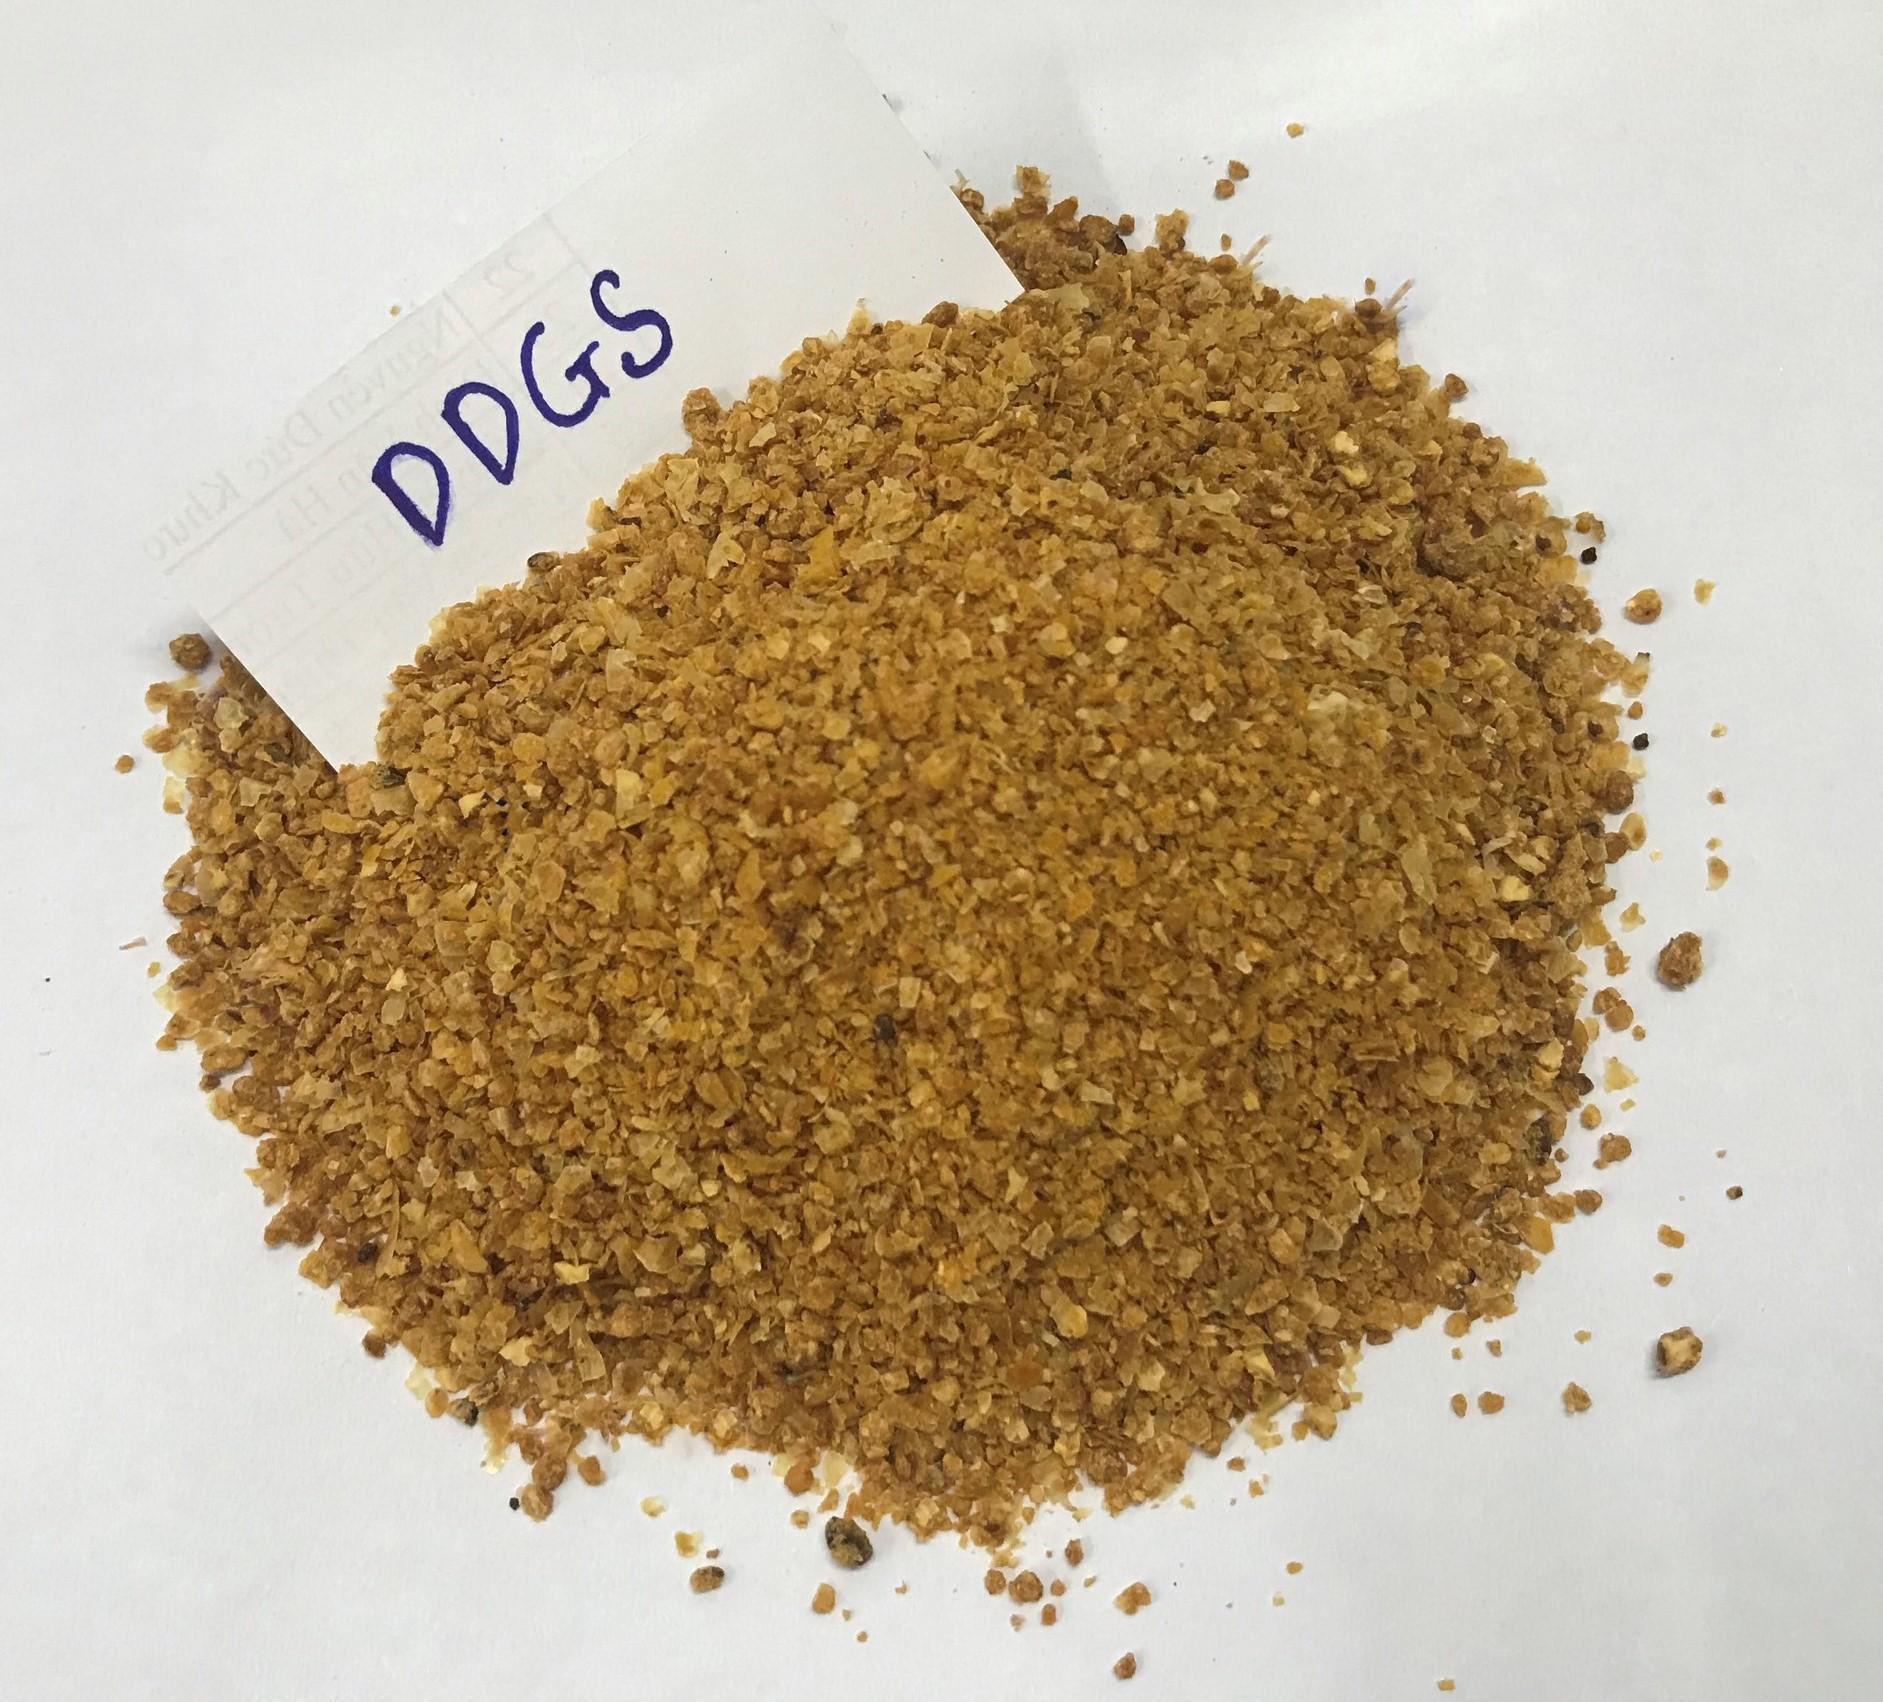 SIMICO Cung cấp DDGS - Nguyên liệu sản xuất Thức ăn chăn nuôi